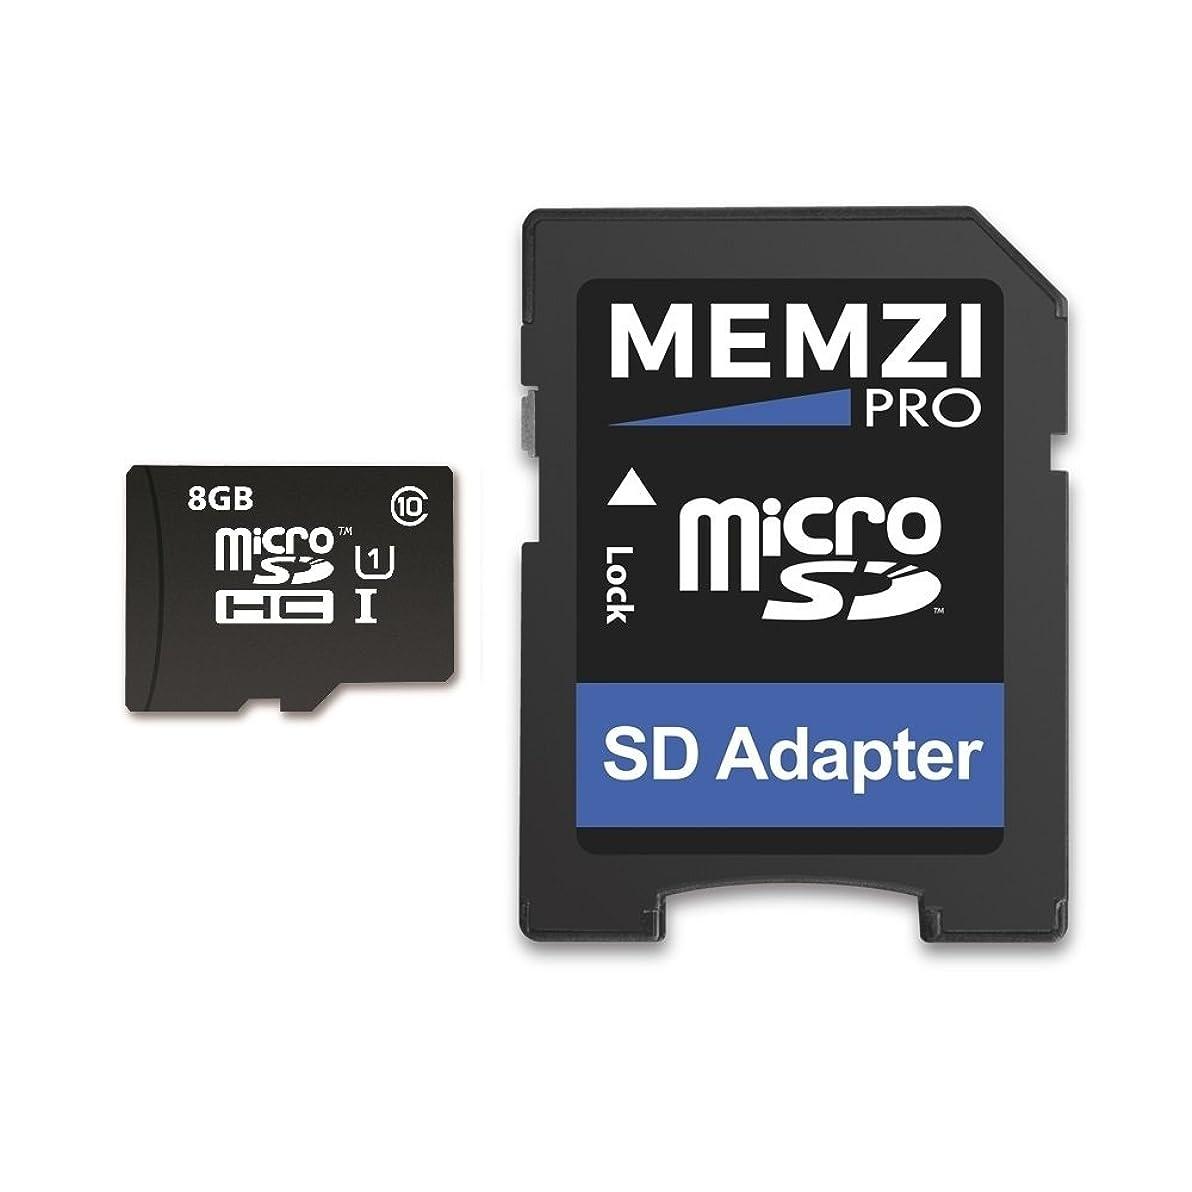 フットボール老朽化した決定的MEMZI PRO 8GB 90MB/s クラス10 Micro SDHCメモリーカード SDアダプター付き ブラック BV6800 Pro、BV9500 Pro、BV9500、A30、A20 Pro、A20、BV5800 Pro、BV5800、P10000 Pro携帯電話用